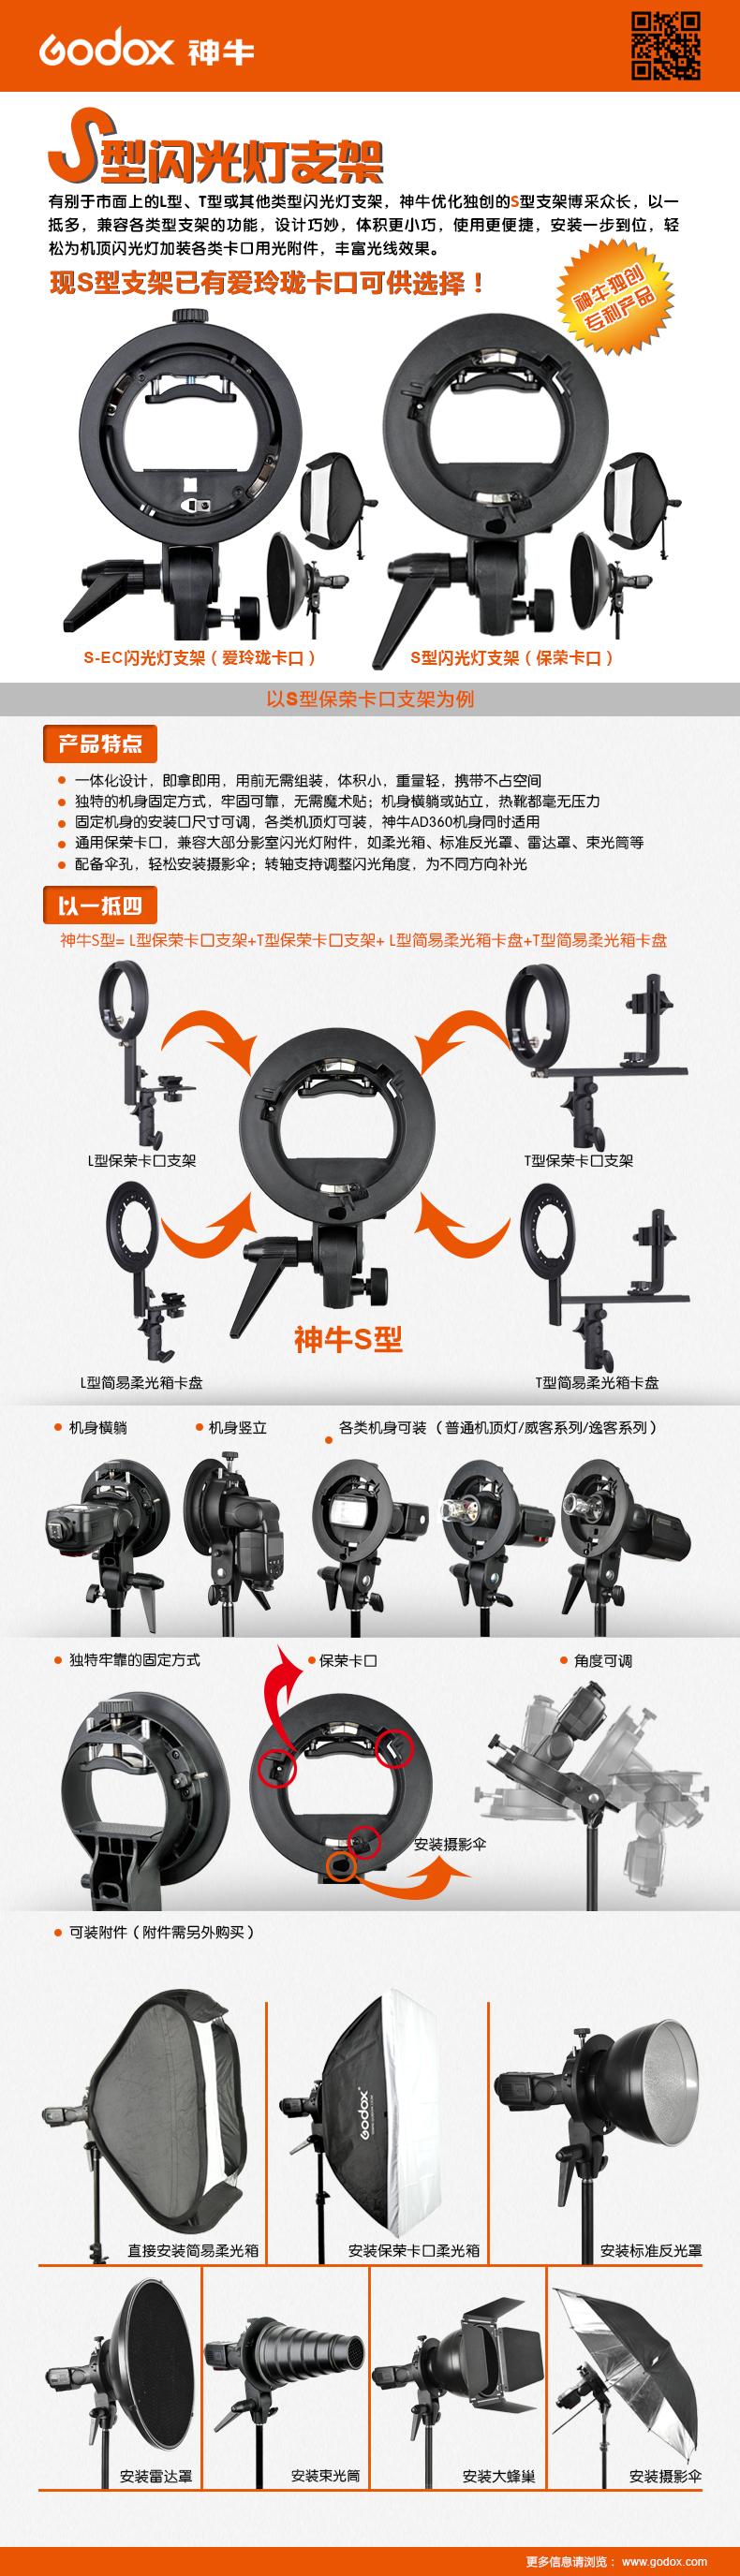 products-s-type-speedlite-bracket-newsletter-cn.jpg